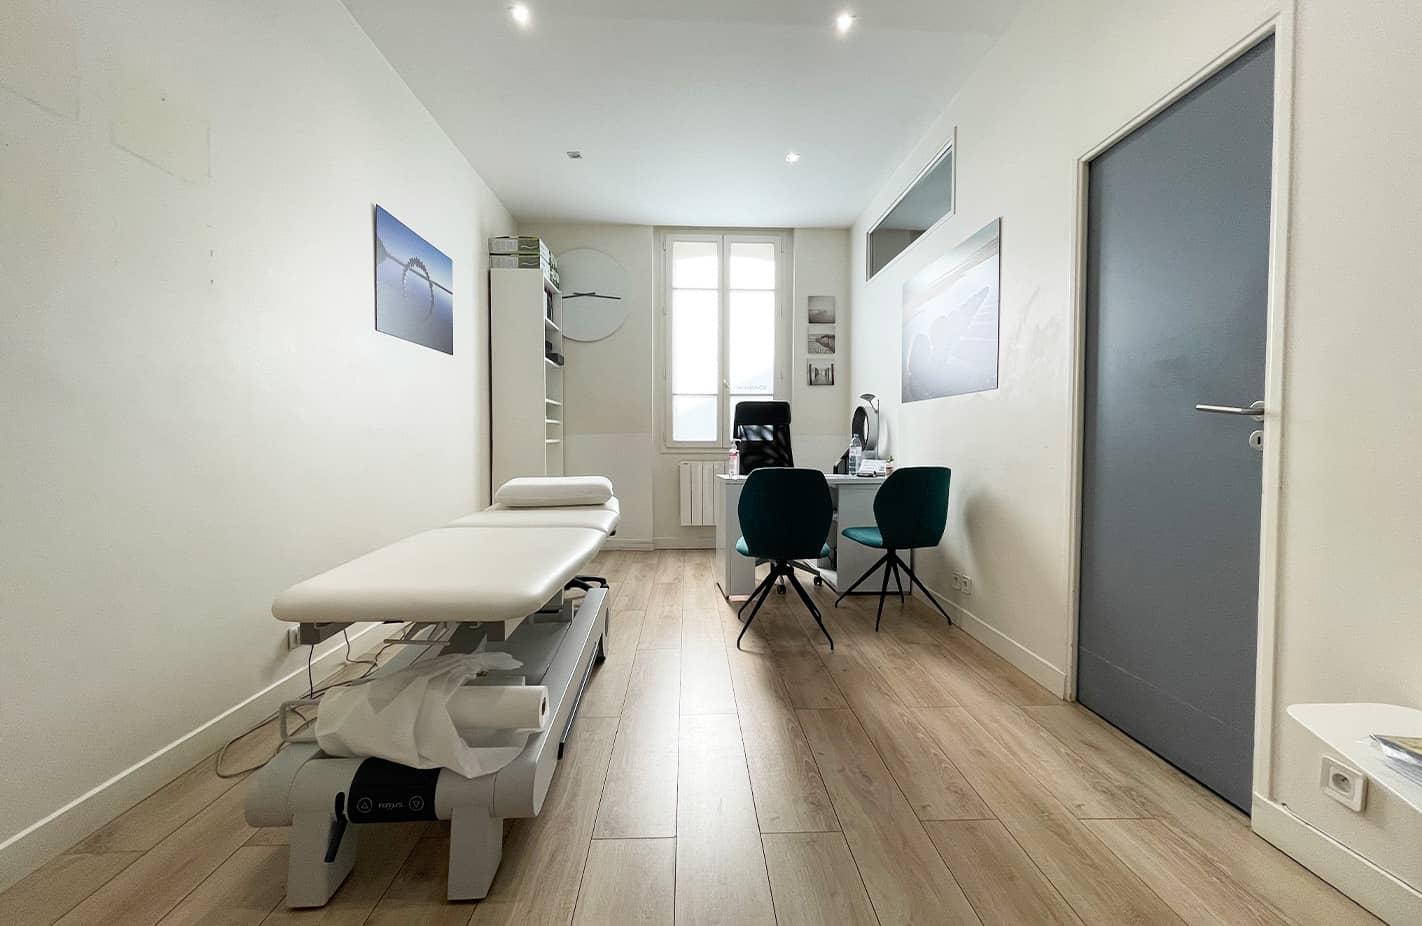 L'institut de kinésithérapie, spécialisé en kinésithérapie   Paris 16 - Vineuse